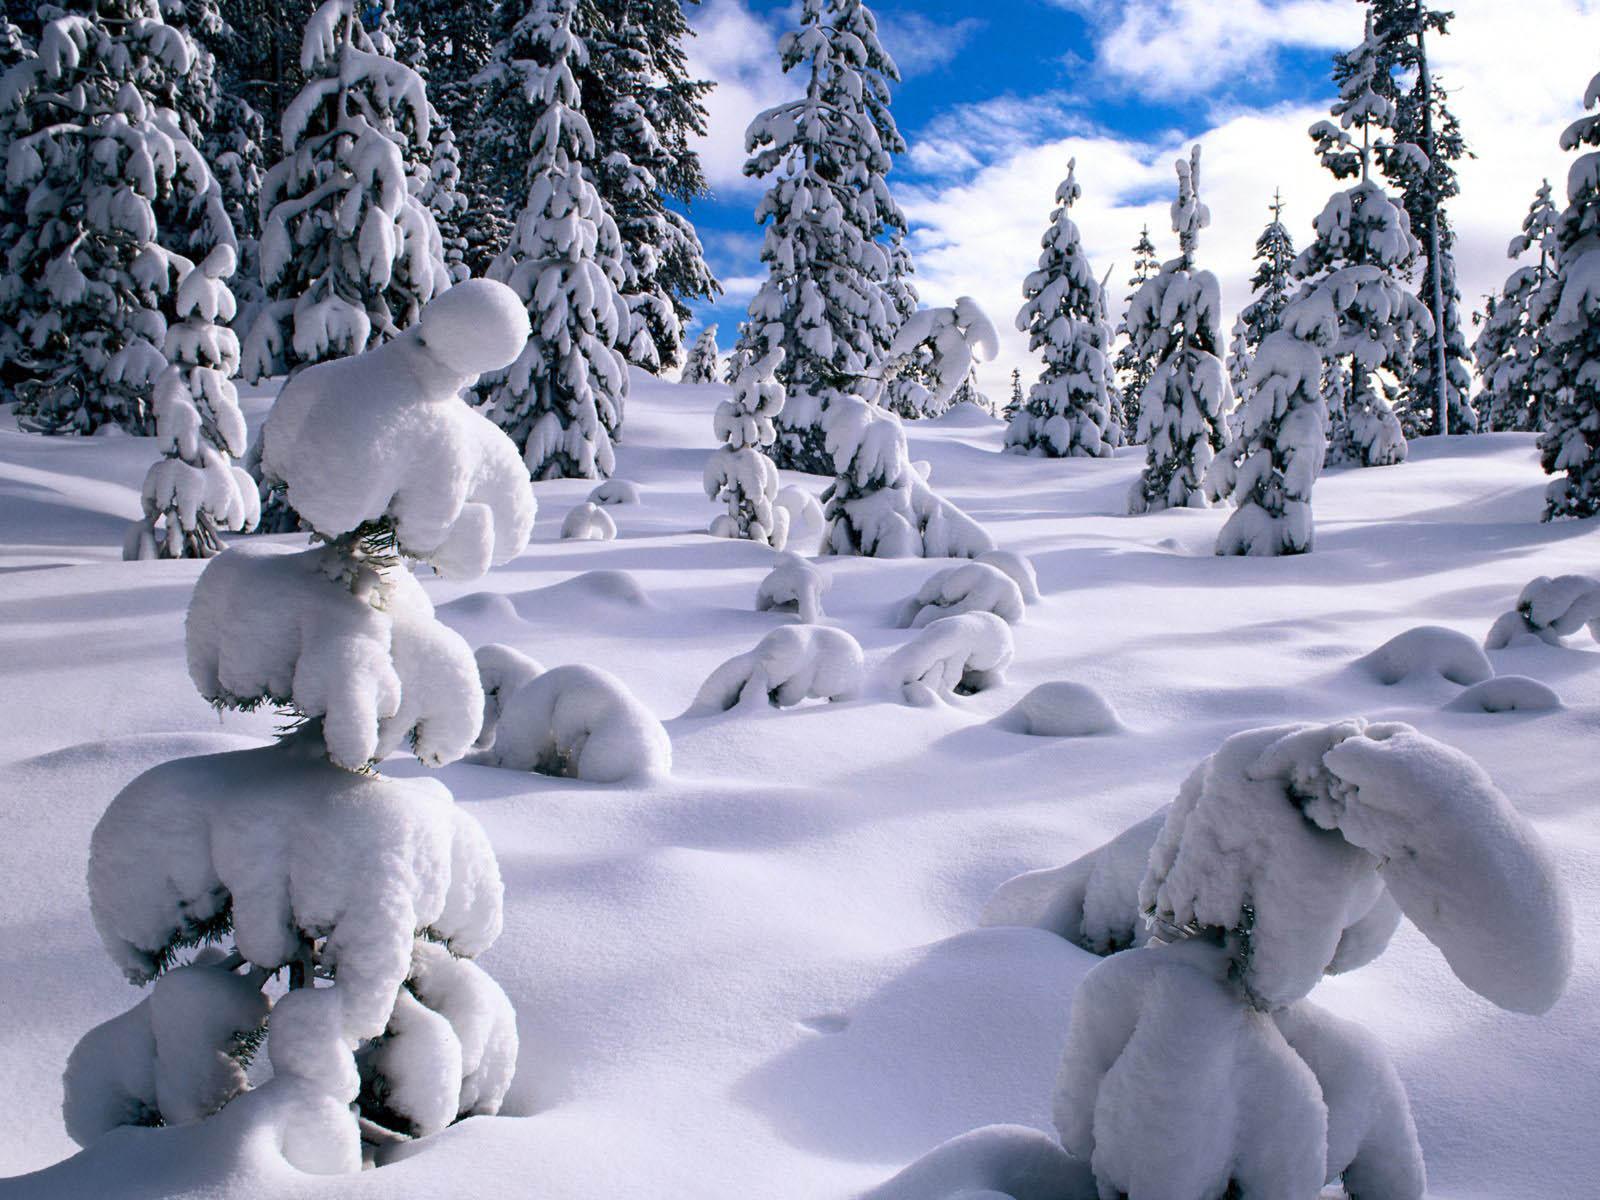 Wallpapers winter desktop wallpapers and backgrounds for Sfondi paesaggi invernali per desktop